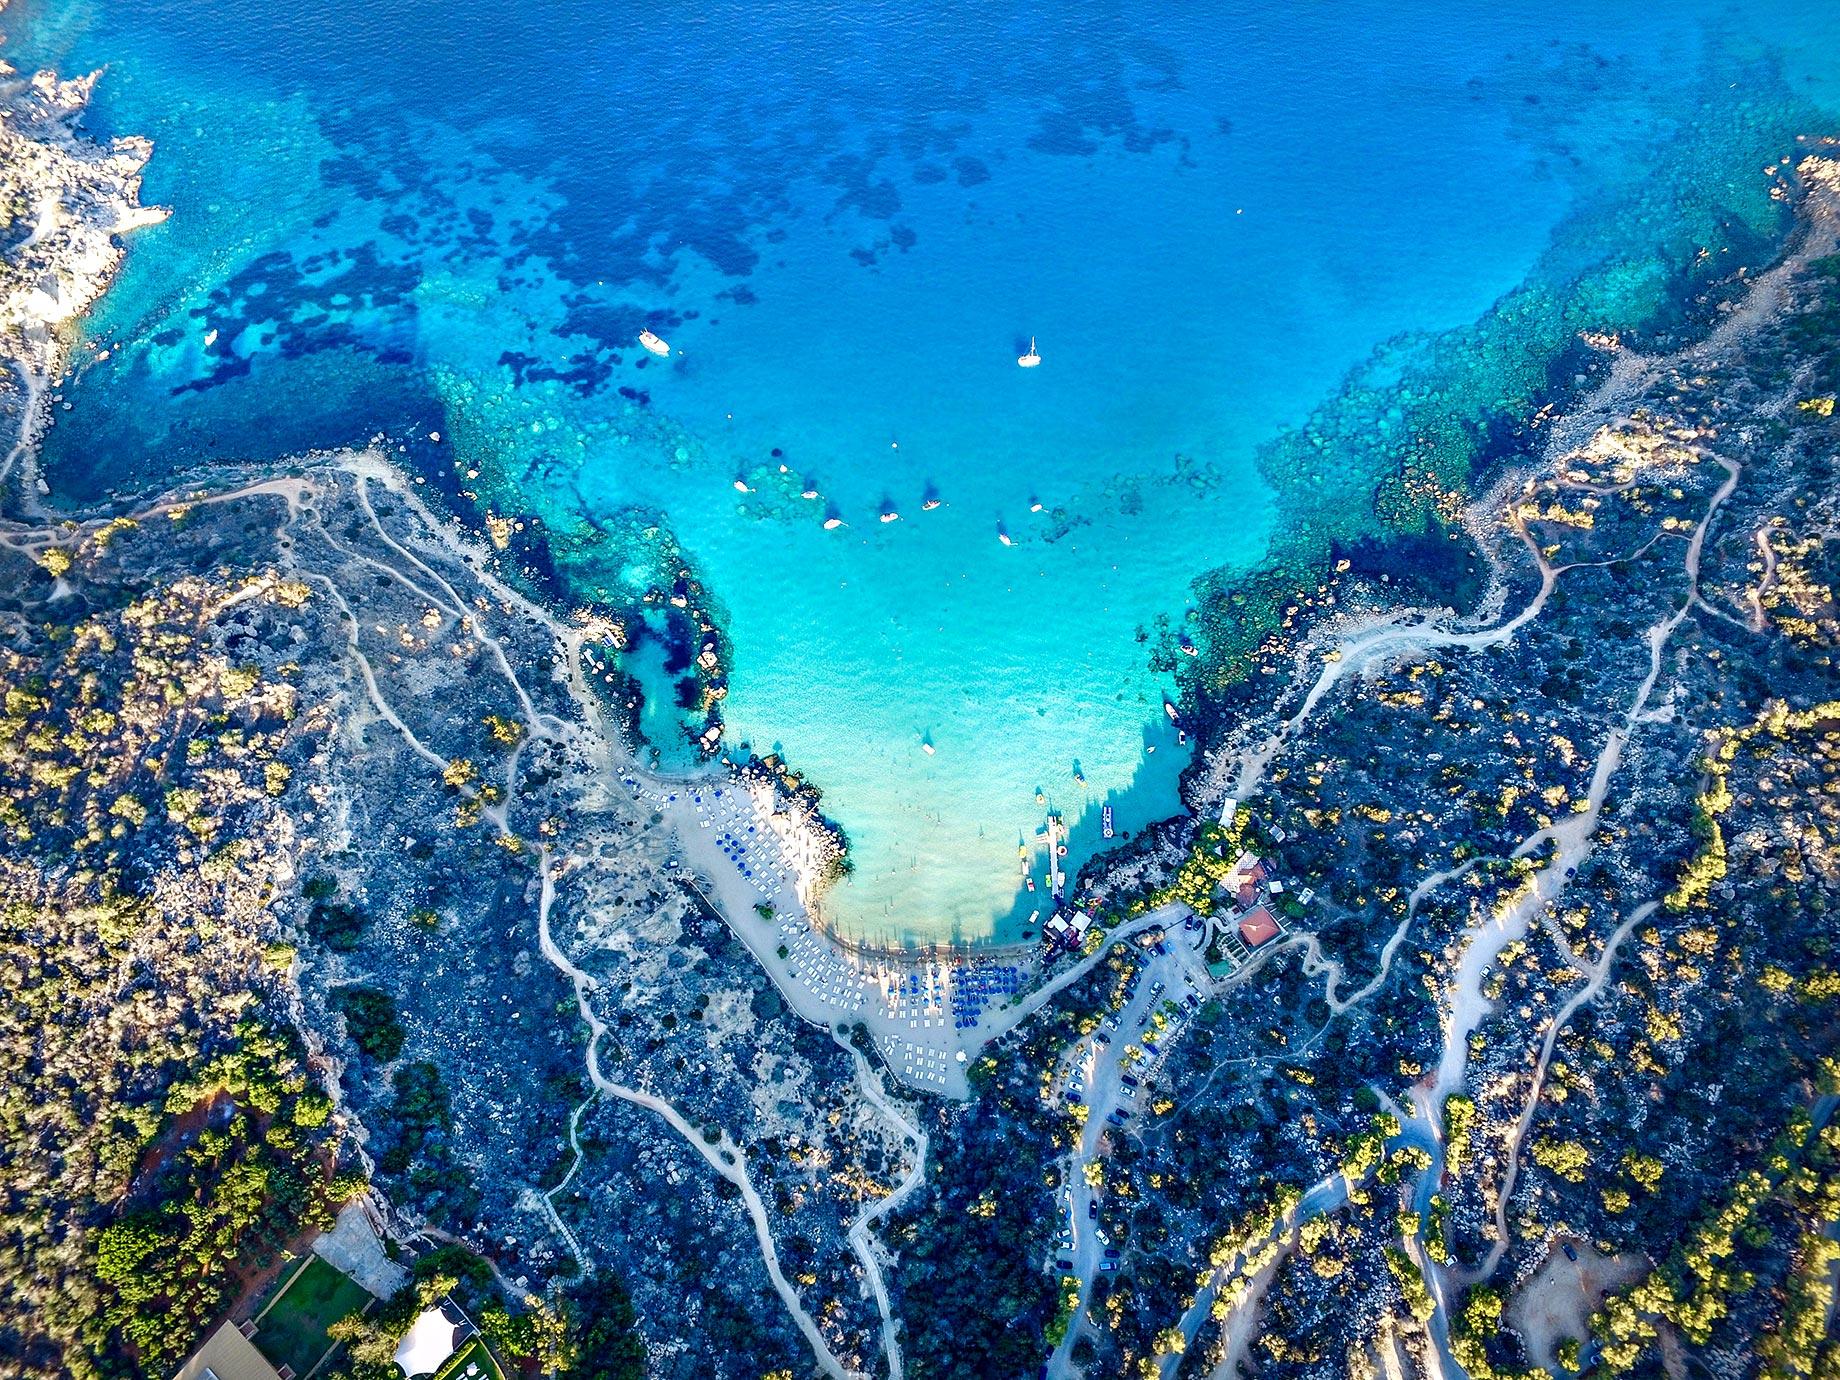 Chypre - Top 10 des destinations de voyage de luxe dans le monde